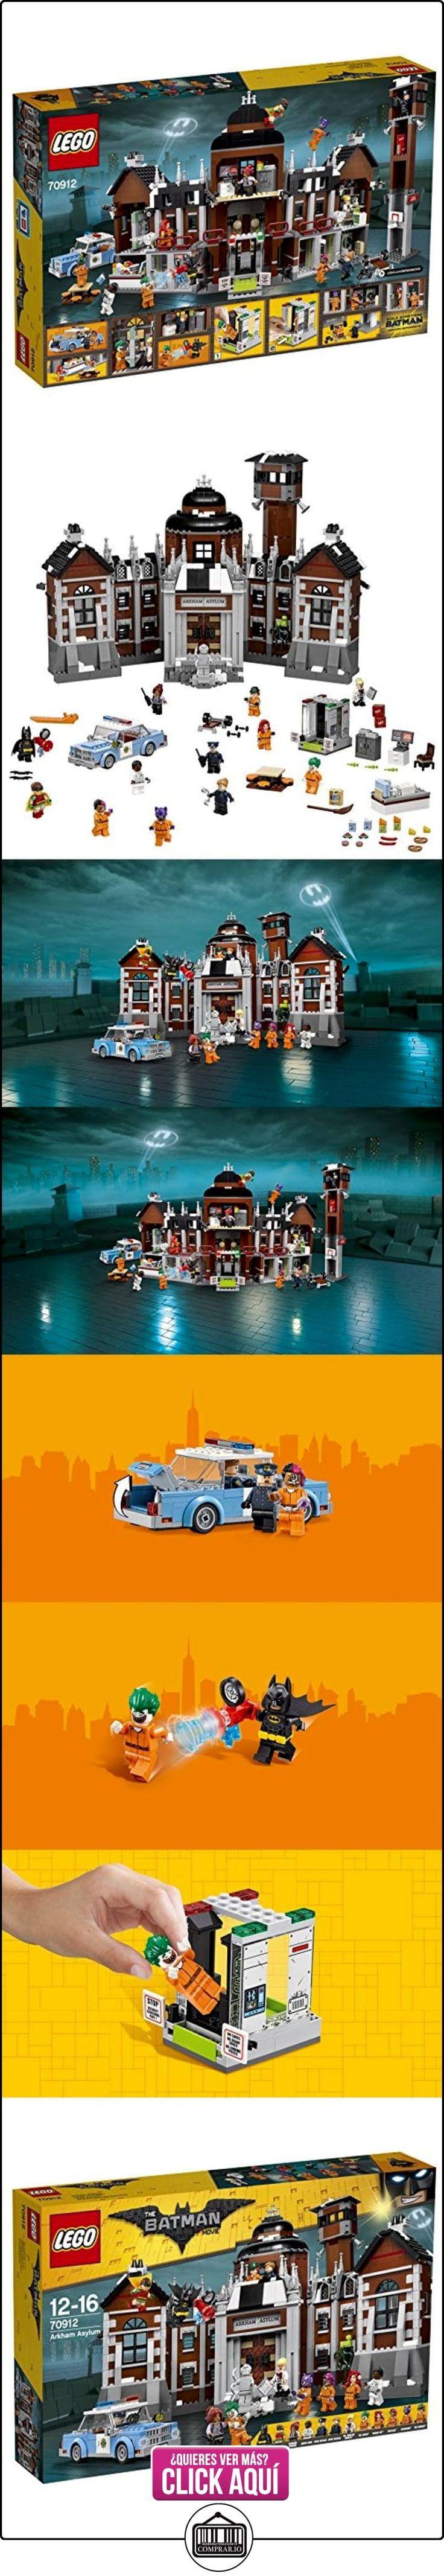 LEGO Batman Movie Arkham Asylum - juegos de construcción  ✿ Lego - el surtido más amplio ✿ ▬► Ver oferta: https://comprar.io/goto/B01N2WQ70K